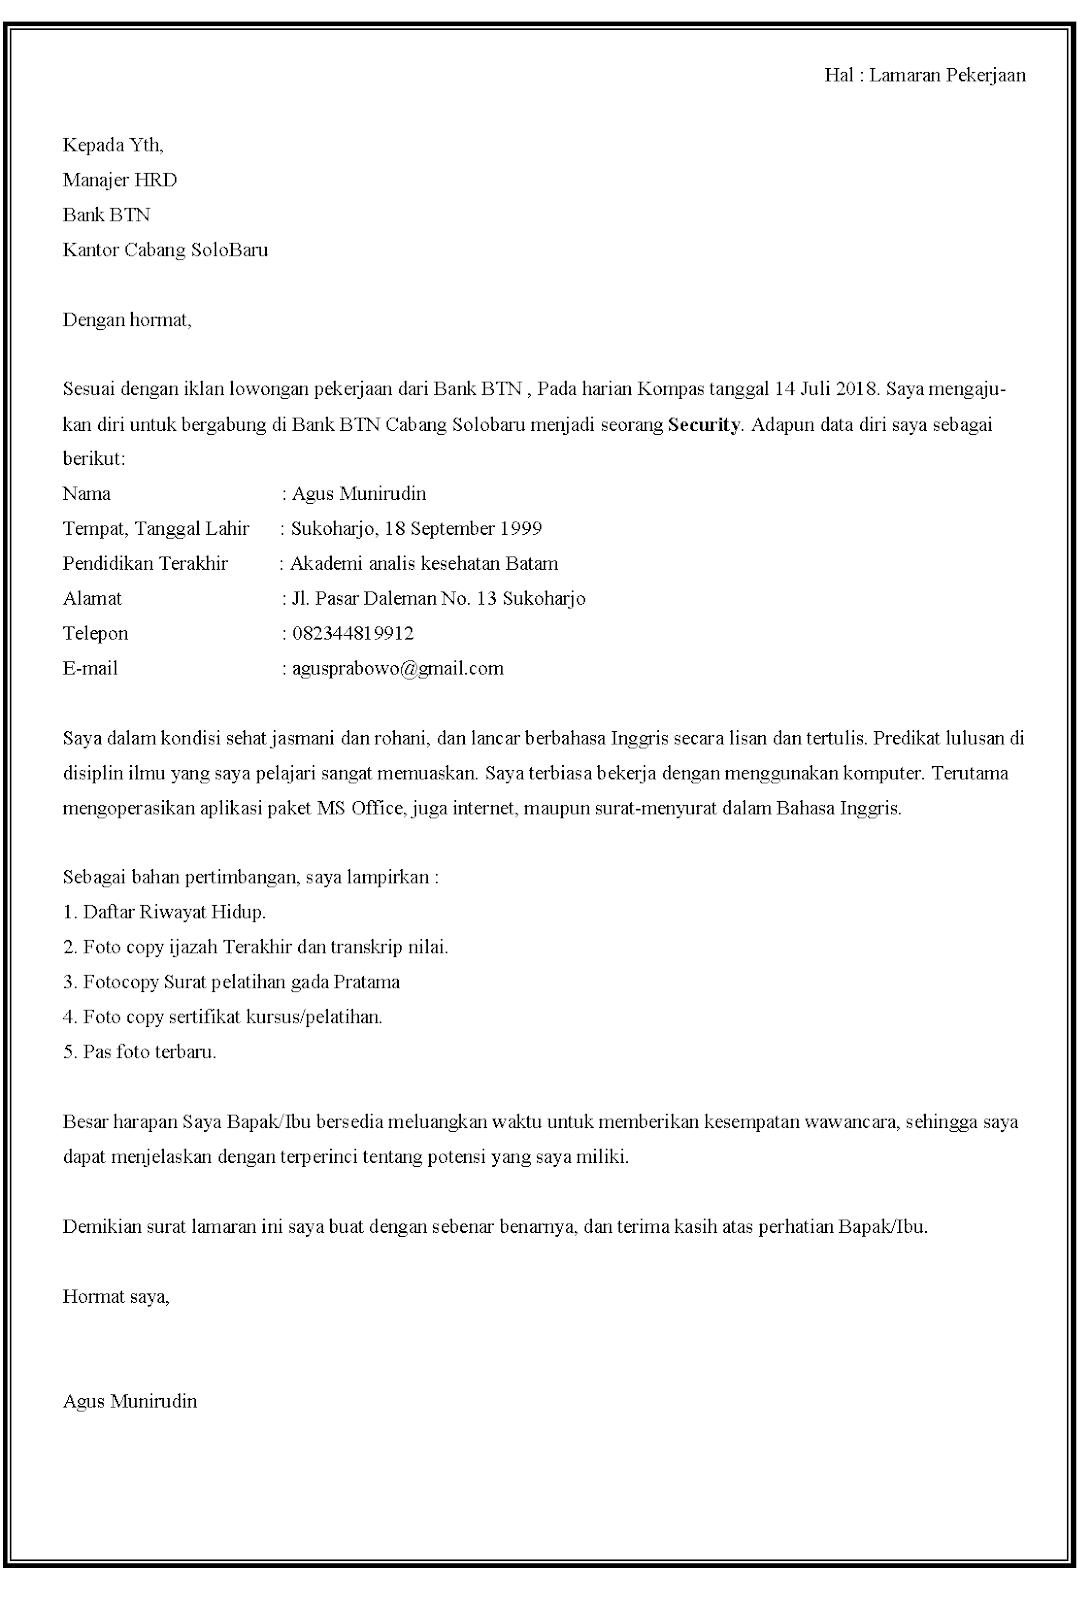 Contoh surat lamaran kerja security di Bank BTN.